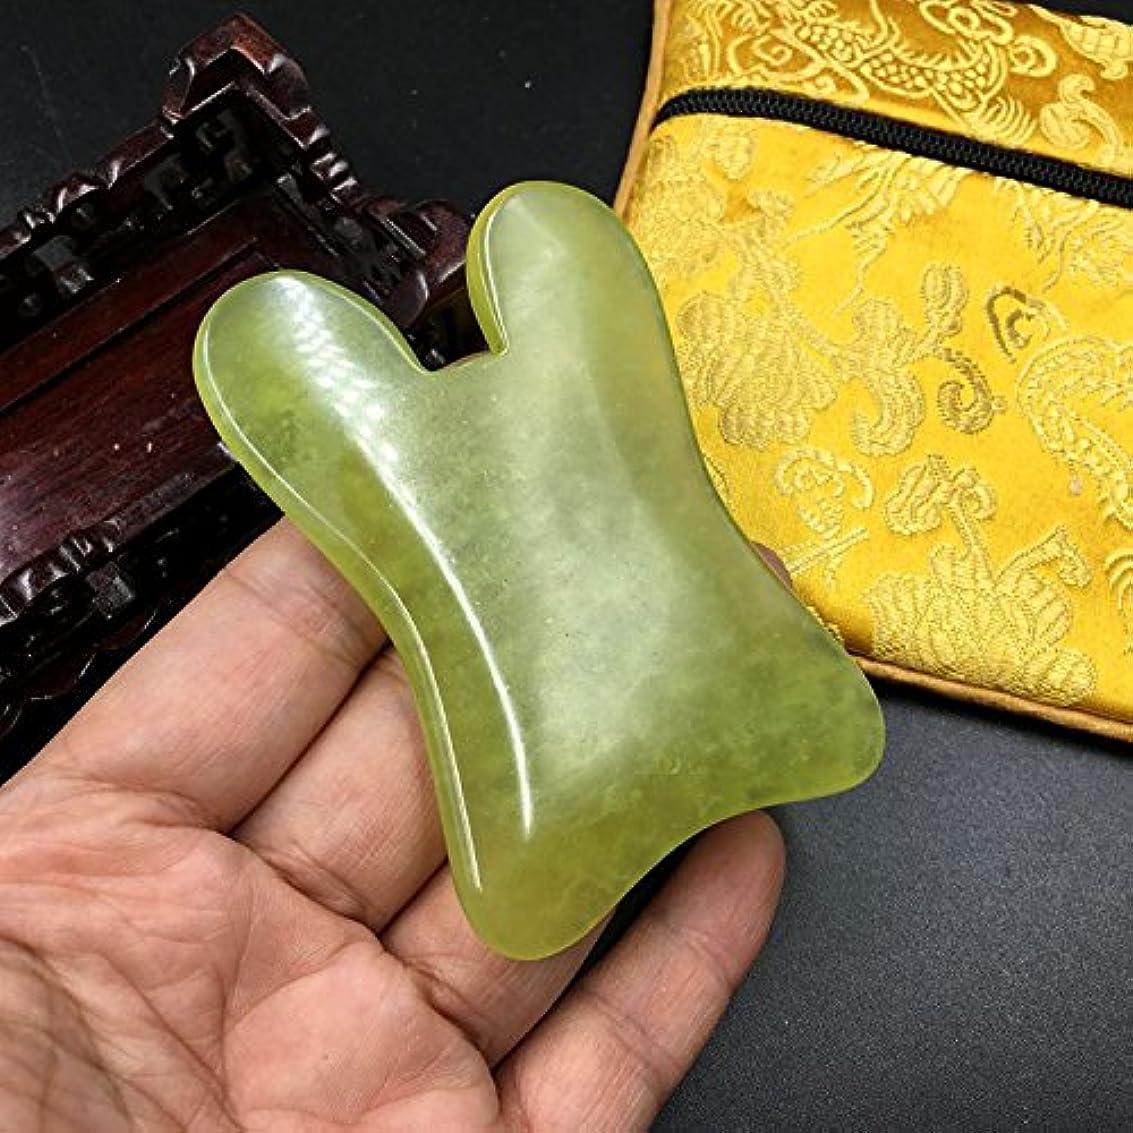 スティーブンソン有限と遊ぶ1点1pcFace / Body Massage Natural Jade Gua Sha Board U 形 shape かっさプレート 天然石 翡翠(顔?ボディのリンパマッサージ)